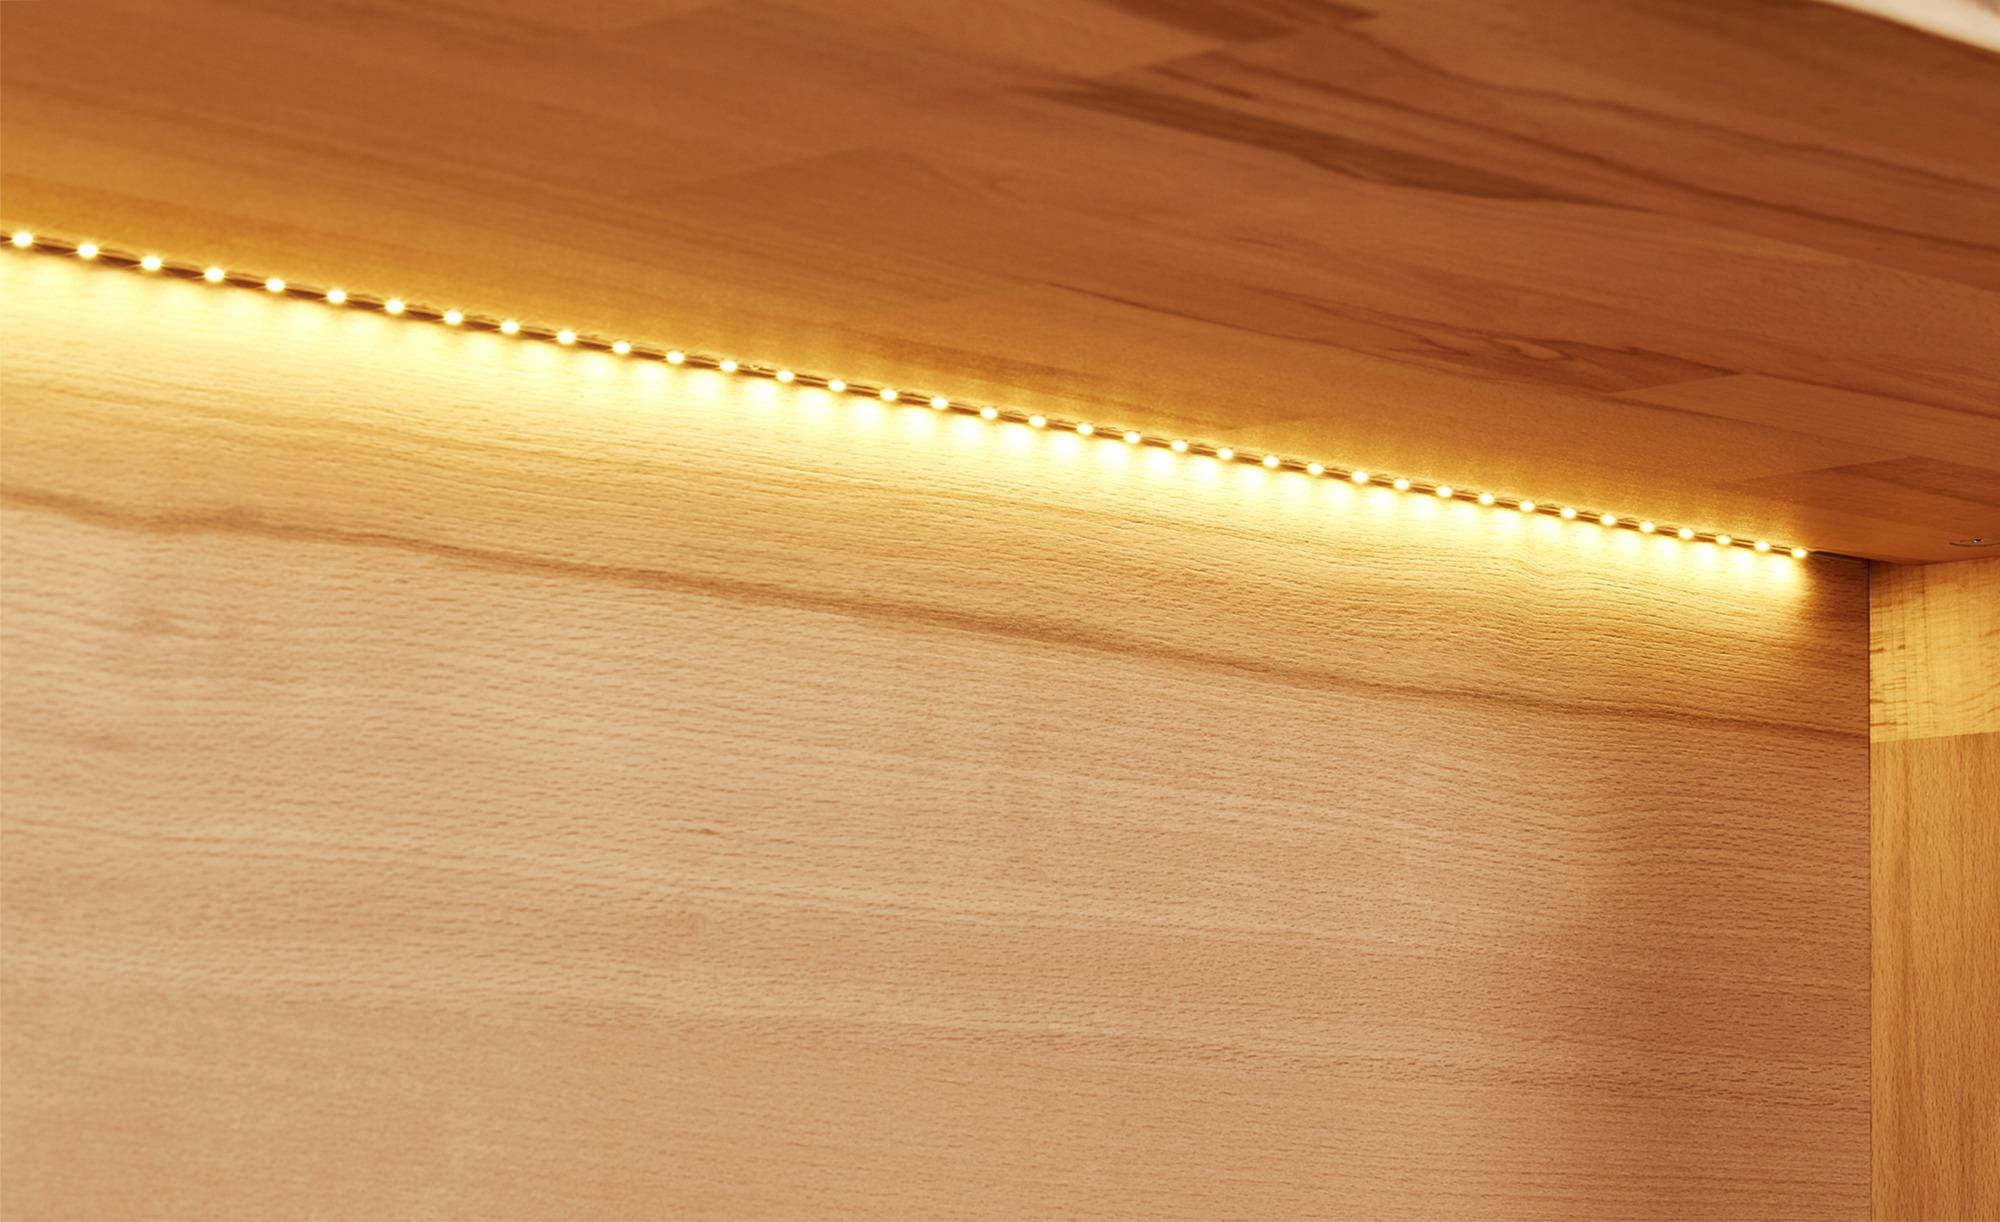 Westerburg Beleuchtung Sideboard  Kvik Lampen & Leuchten > Innenleuchten > Möbelleuchten - Höffner